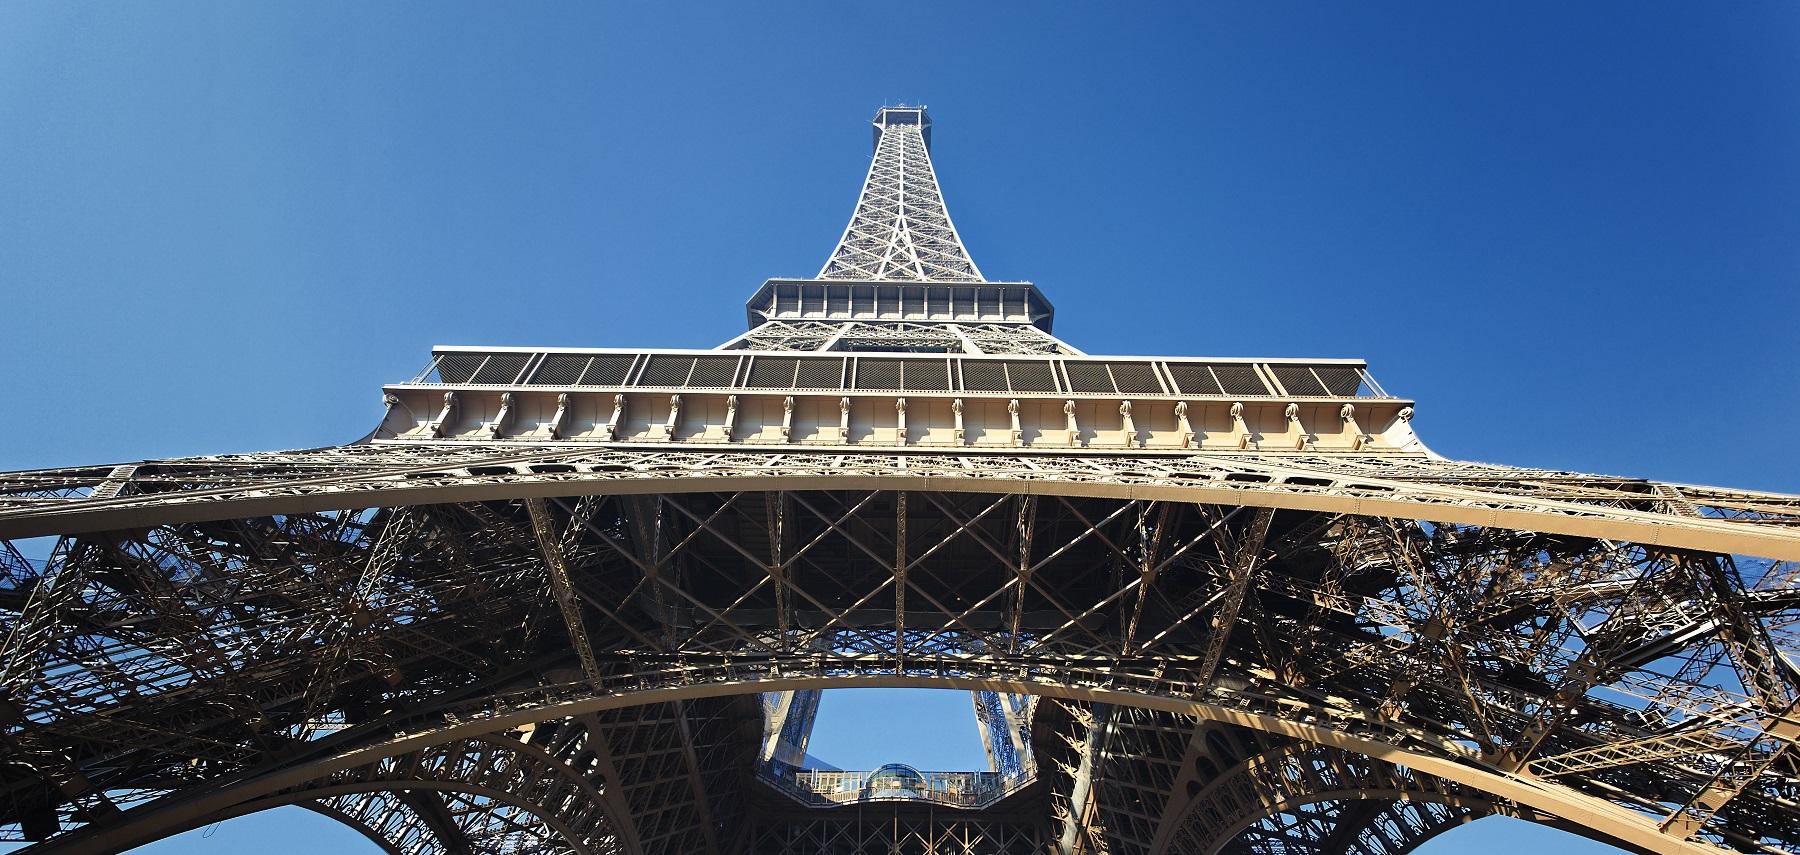 La tour Eiffel rouvre ce 16 juillet